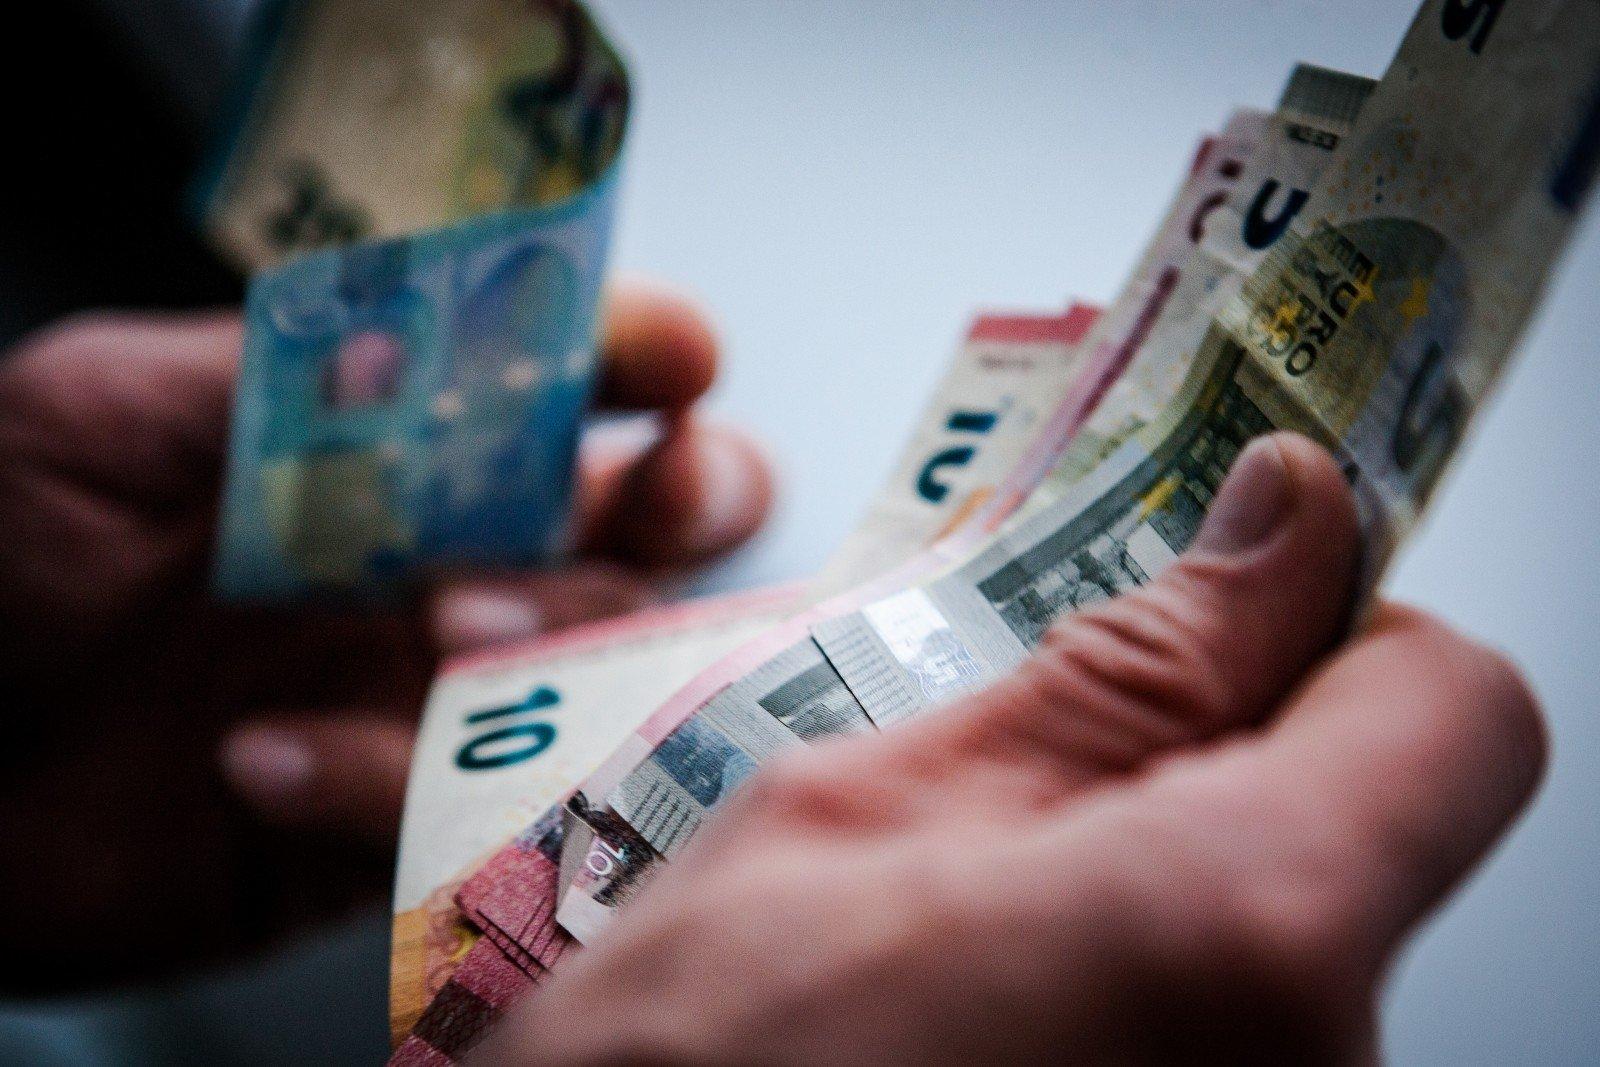 Ieškokite, kur užsidirbti pinigų be investicijų. Kavinė ir maitinimas